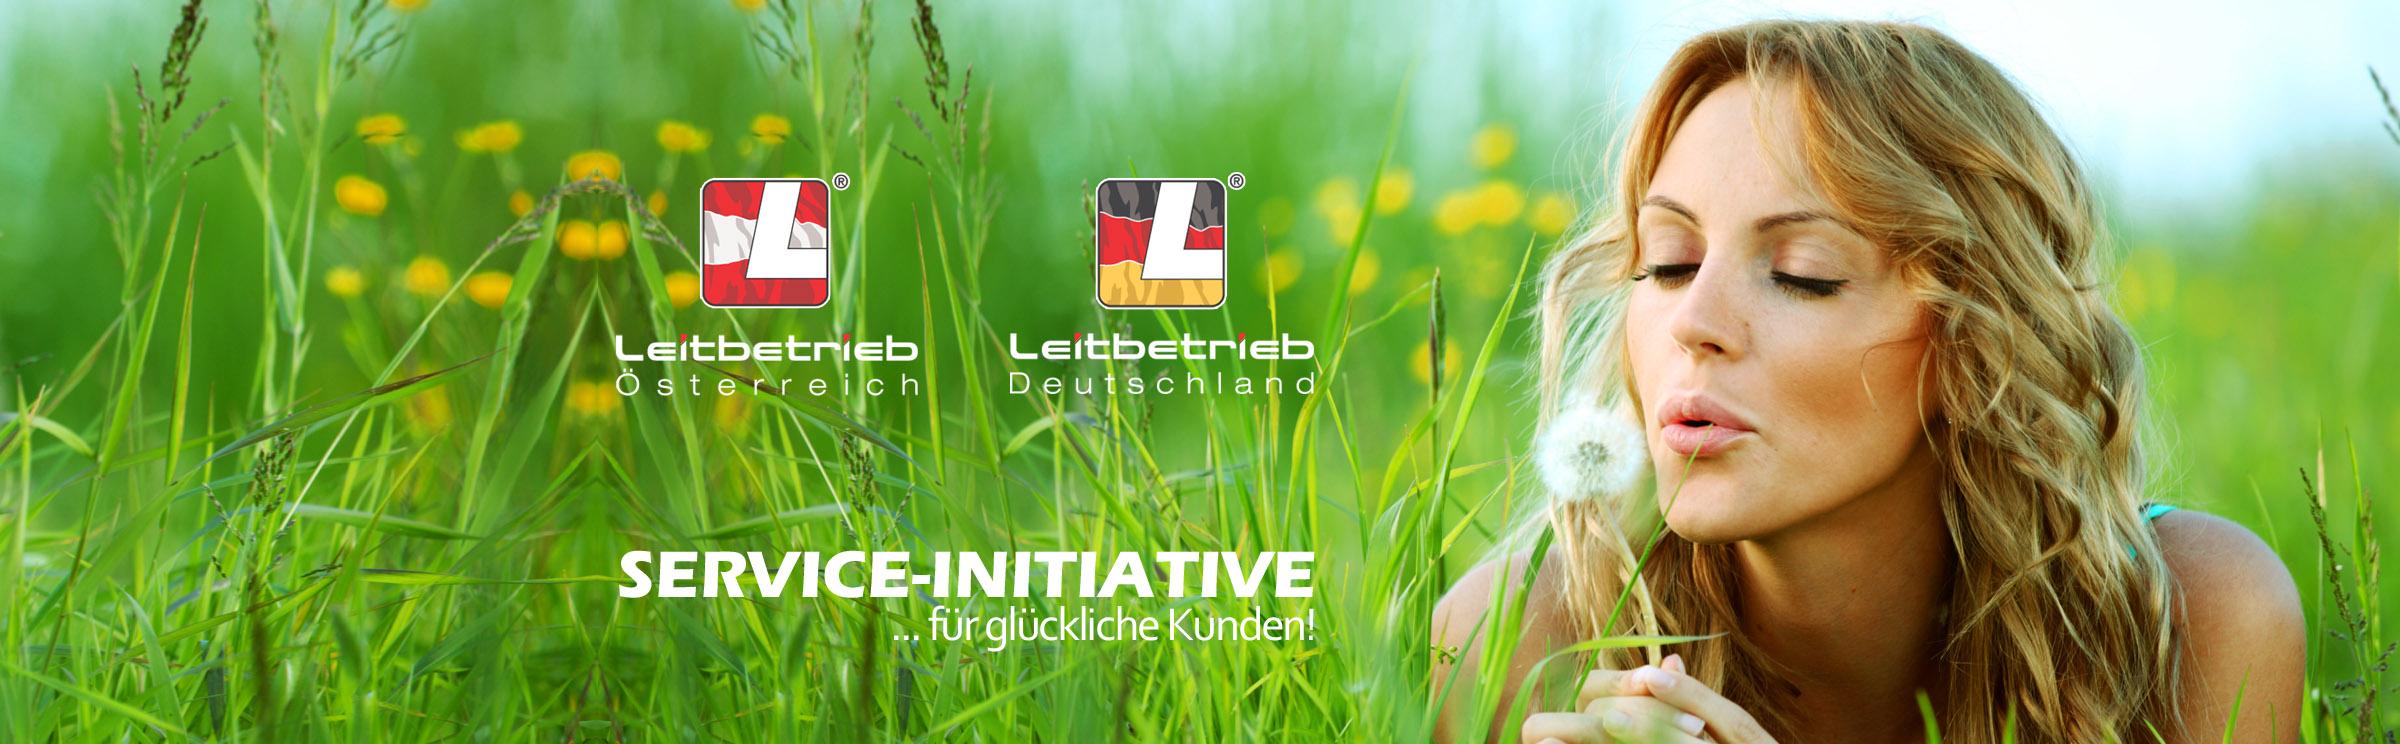 Servicecheck Unternehmen, Service Check Leitbetrieb Österreich, Deutschland